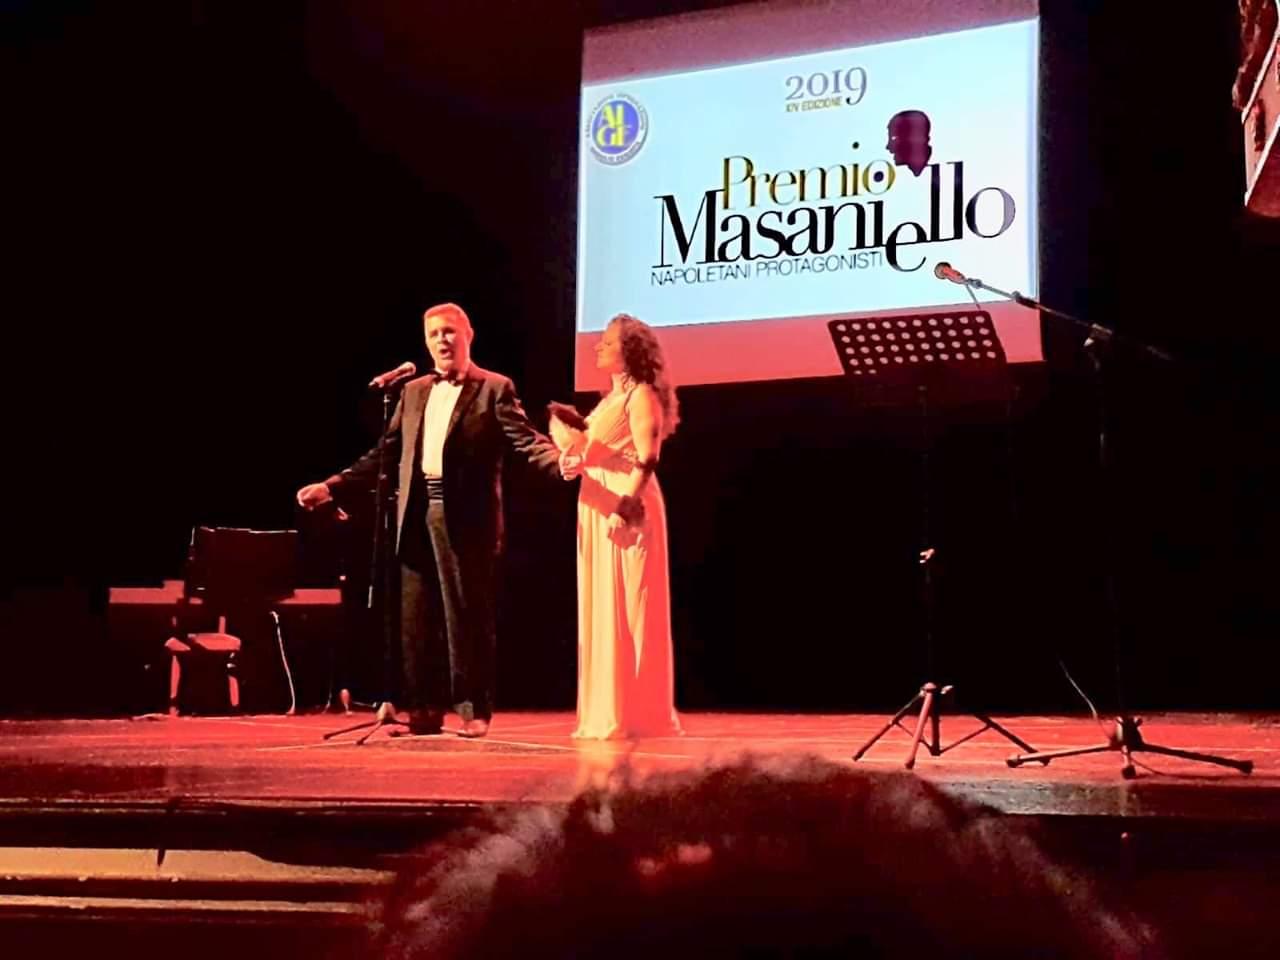 Al duo lirico De Maio Lupoli il Premio Masaniello 2019